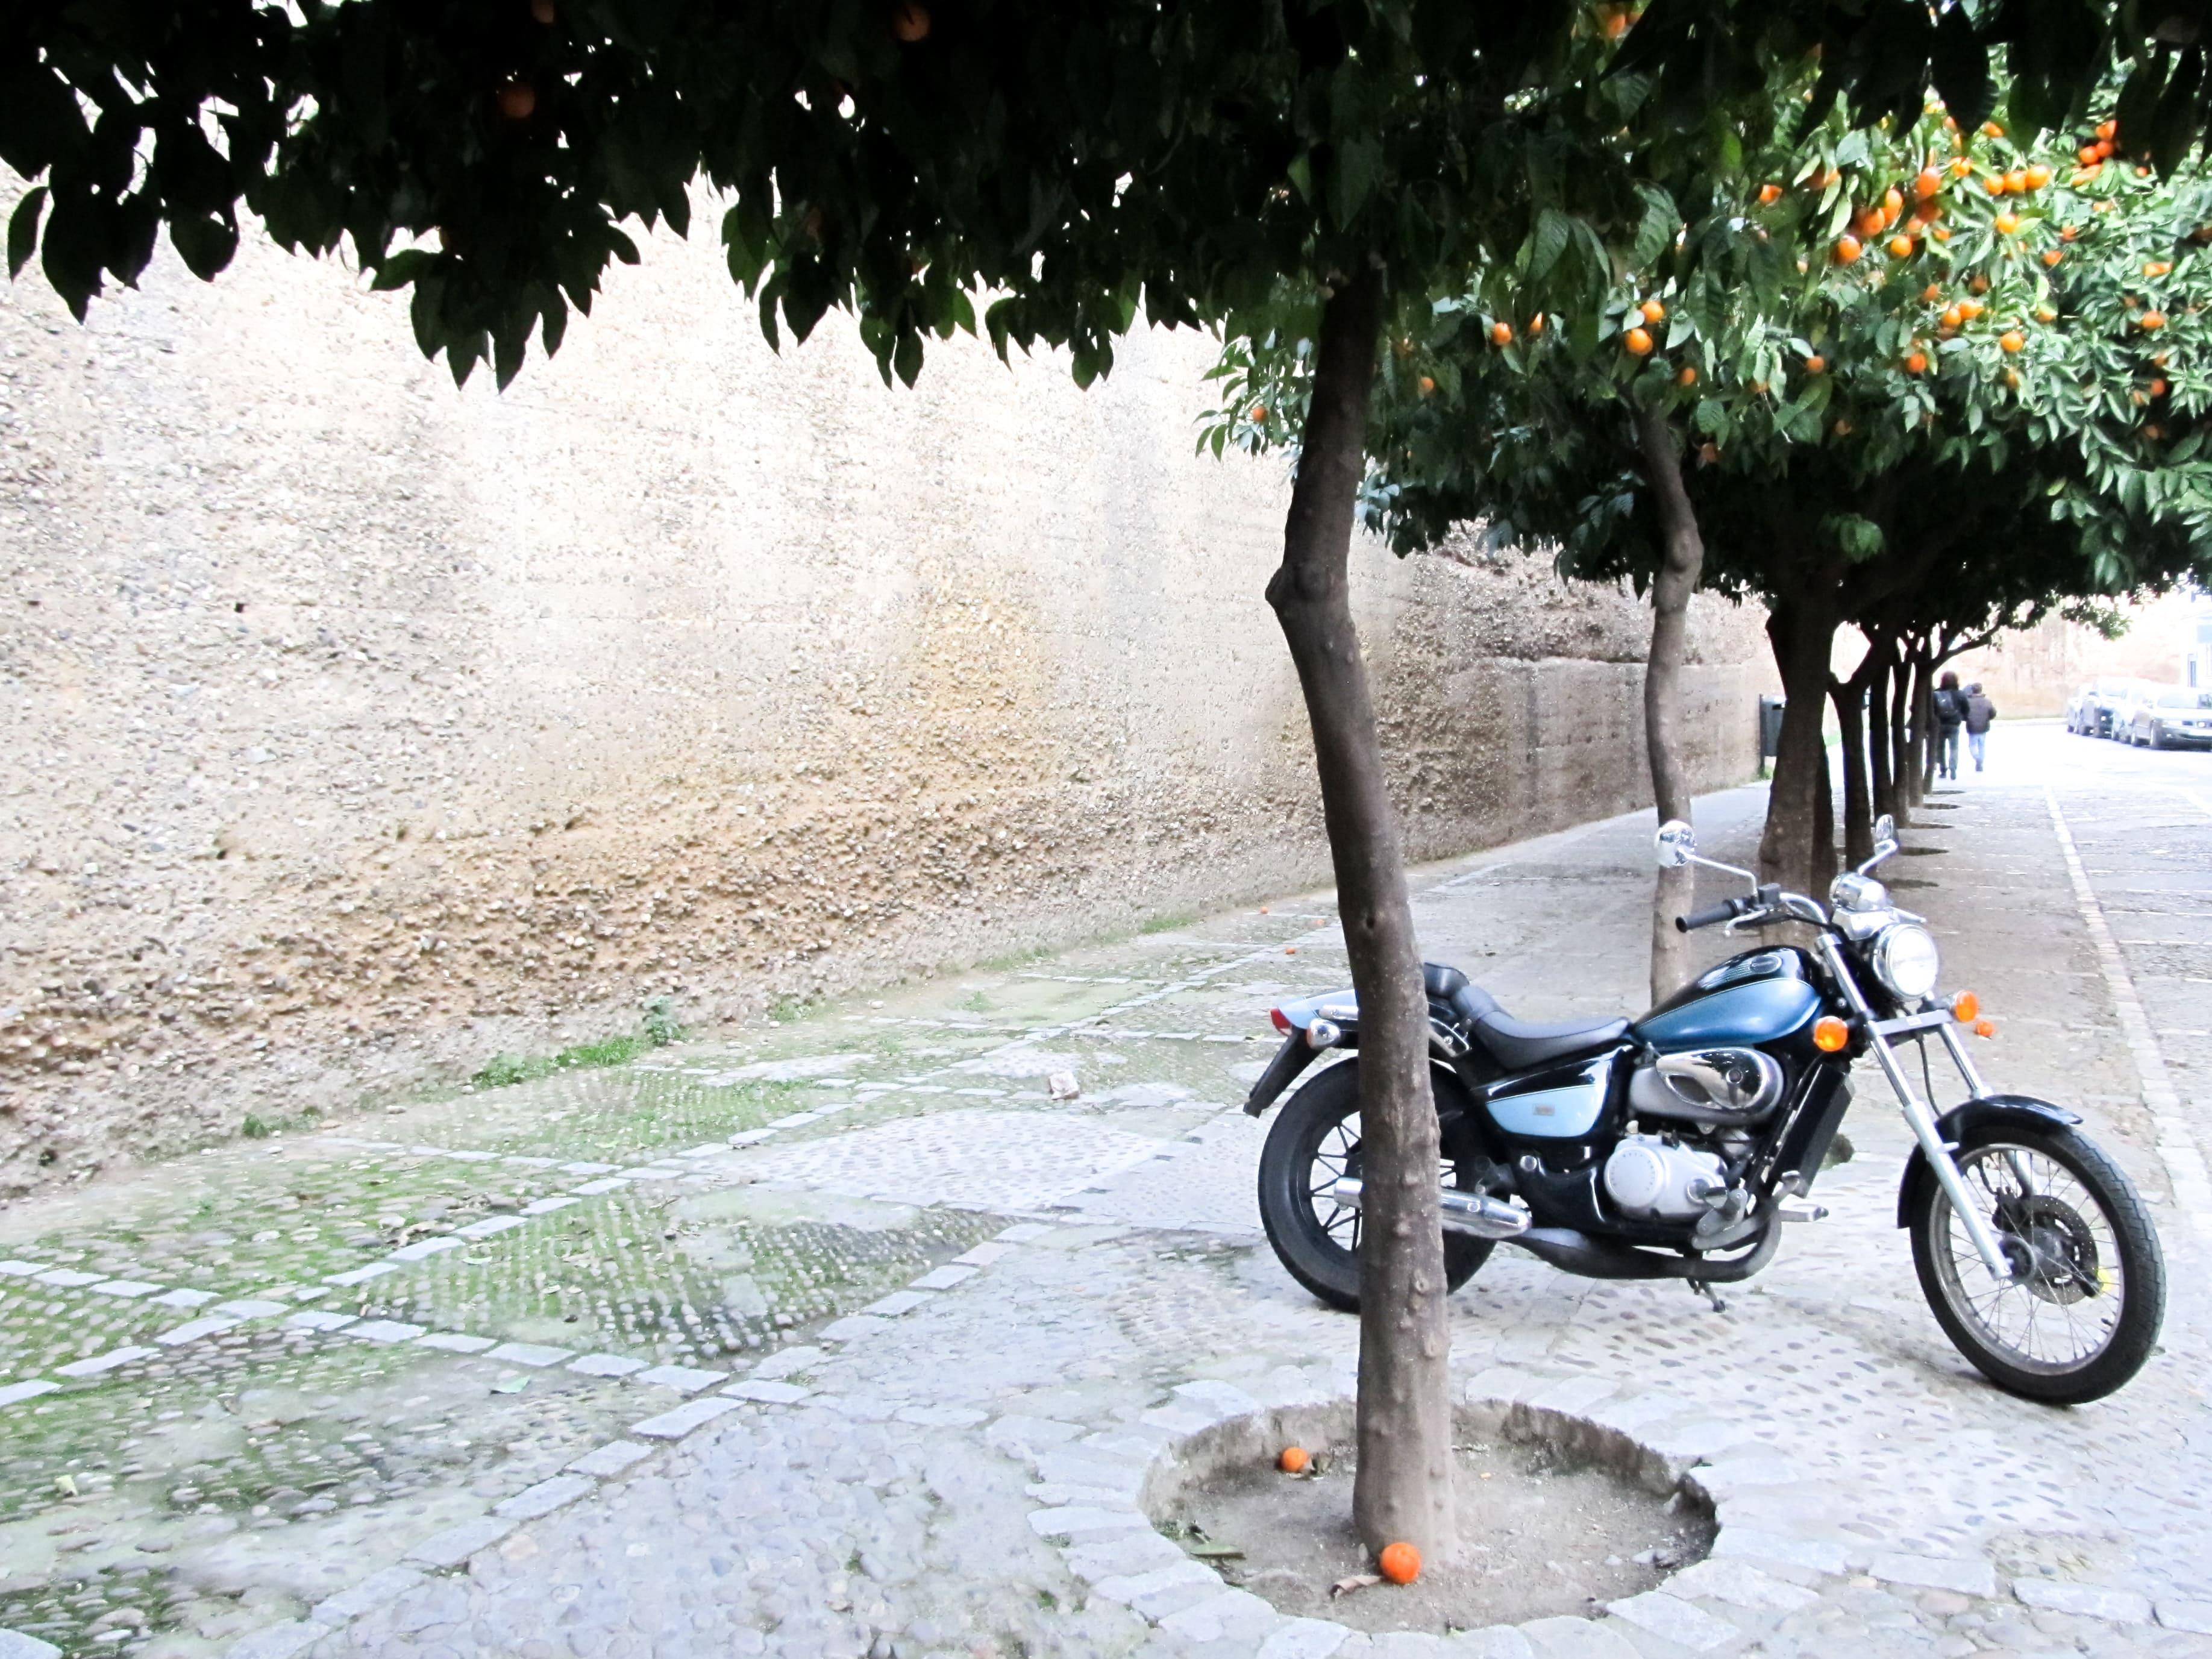 La Macarena : Retrouvez ici toutes les informations pour organiser votre long week-end à Séville, en Andalousie.